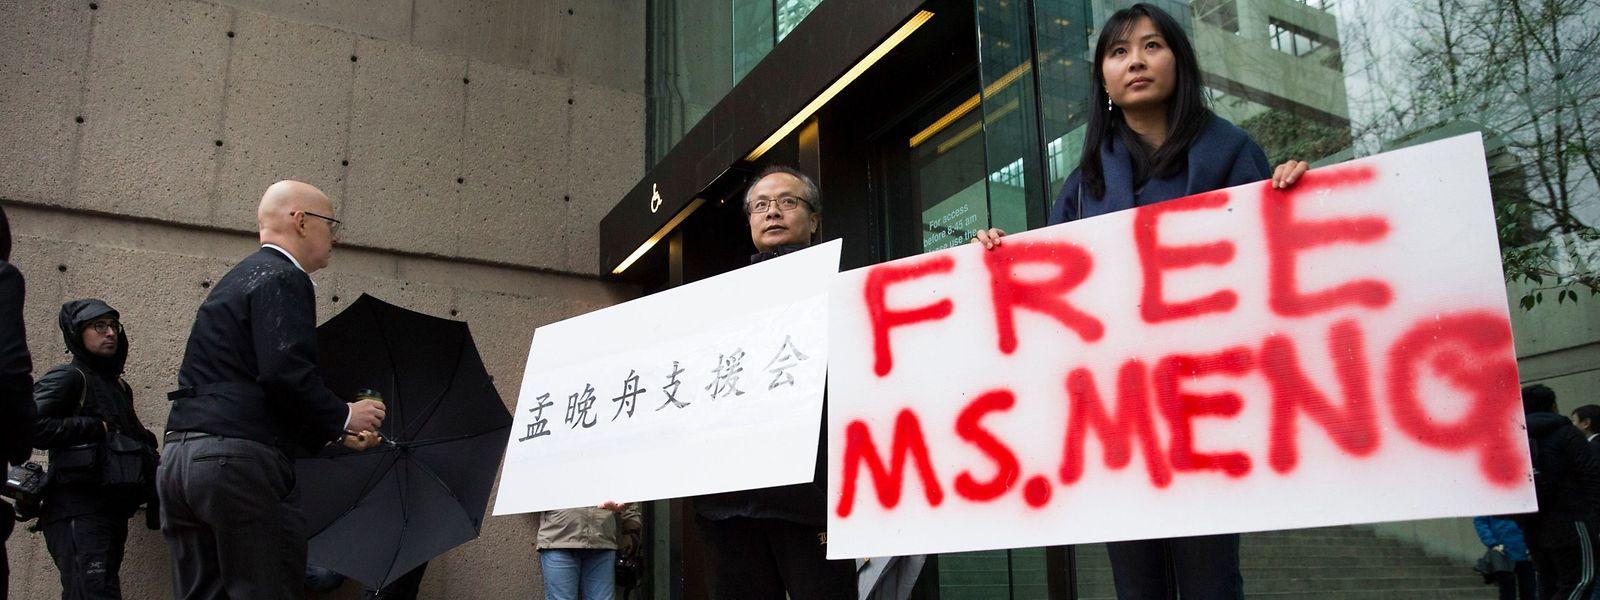 Aktivisten fordern die Freilassung von Meng Wanzhou.